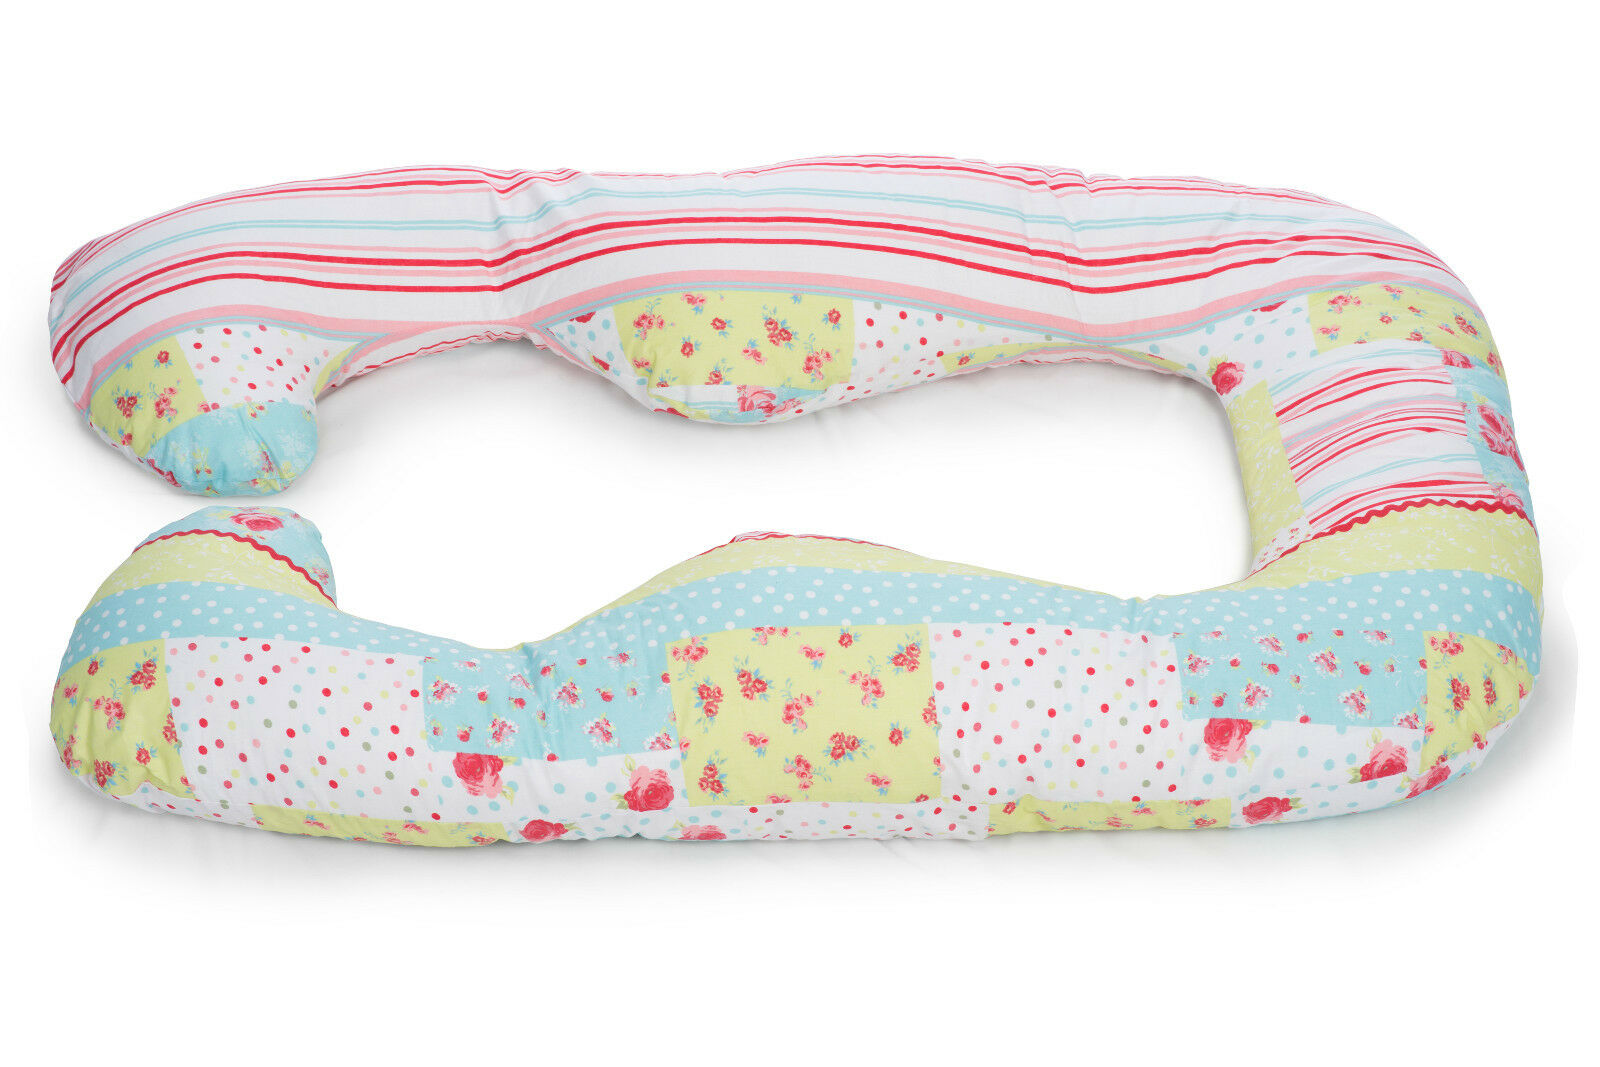 -----B-WARE------Schwangerschaftskissen, Seitenschläferkissen Seitenschläferkissen Seitenschläferkissen mit Öko-Tex | Qualitätsprodukte  15ee04